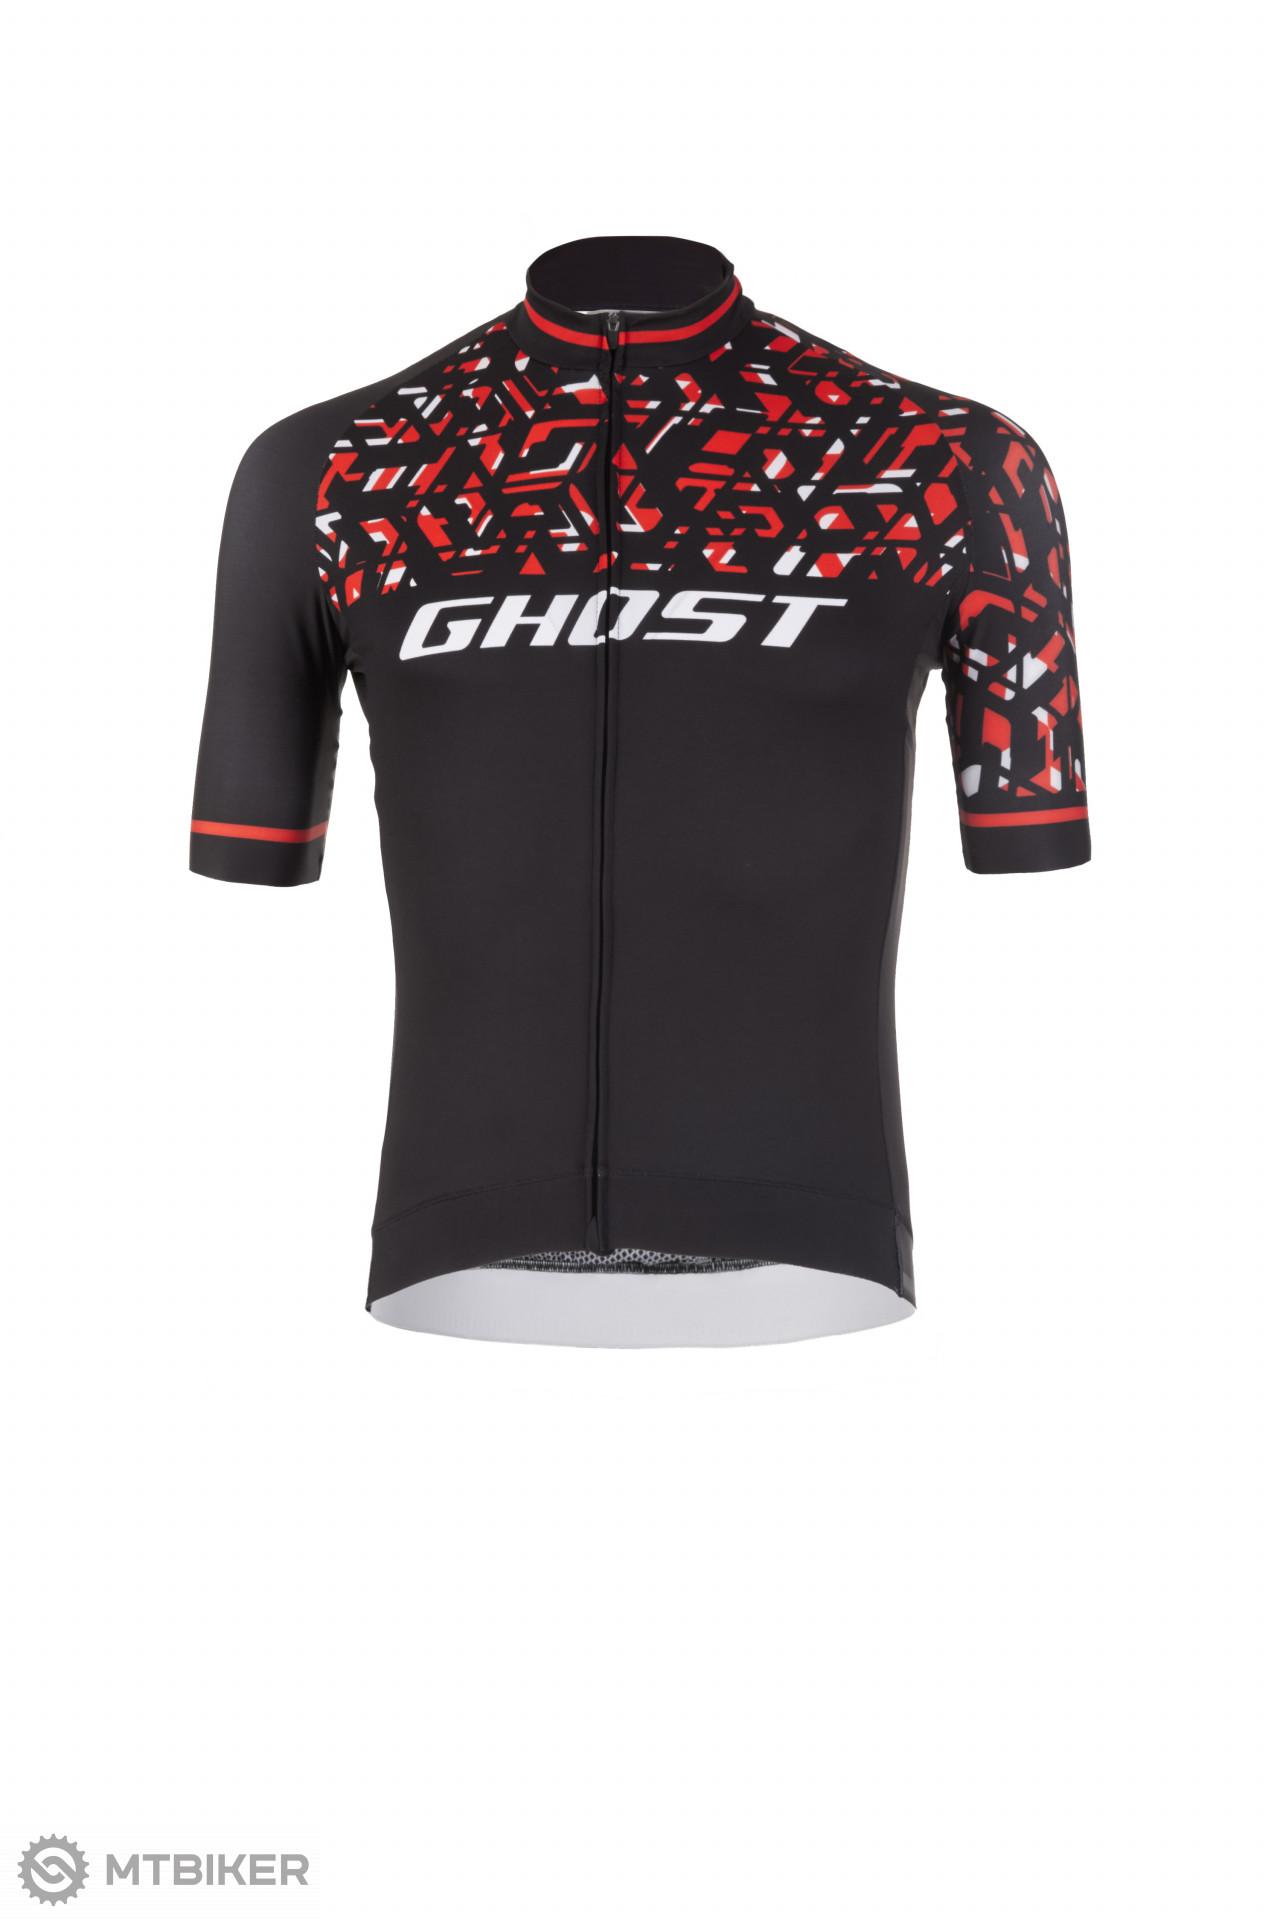 Ghost Dres / Jersey Factory Racing Short čierny/ červený/ biely, model 2019